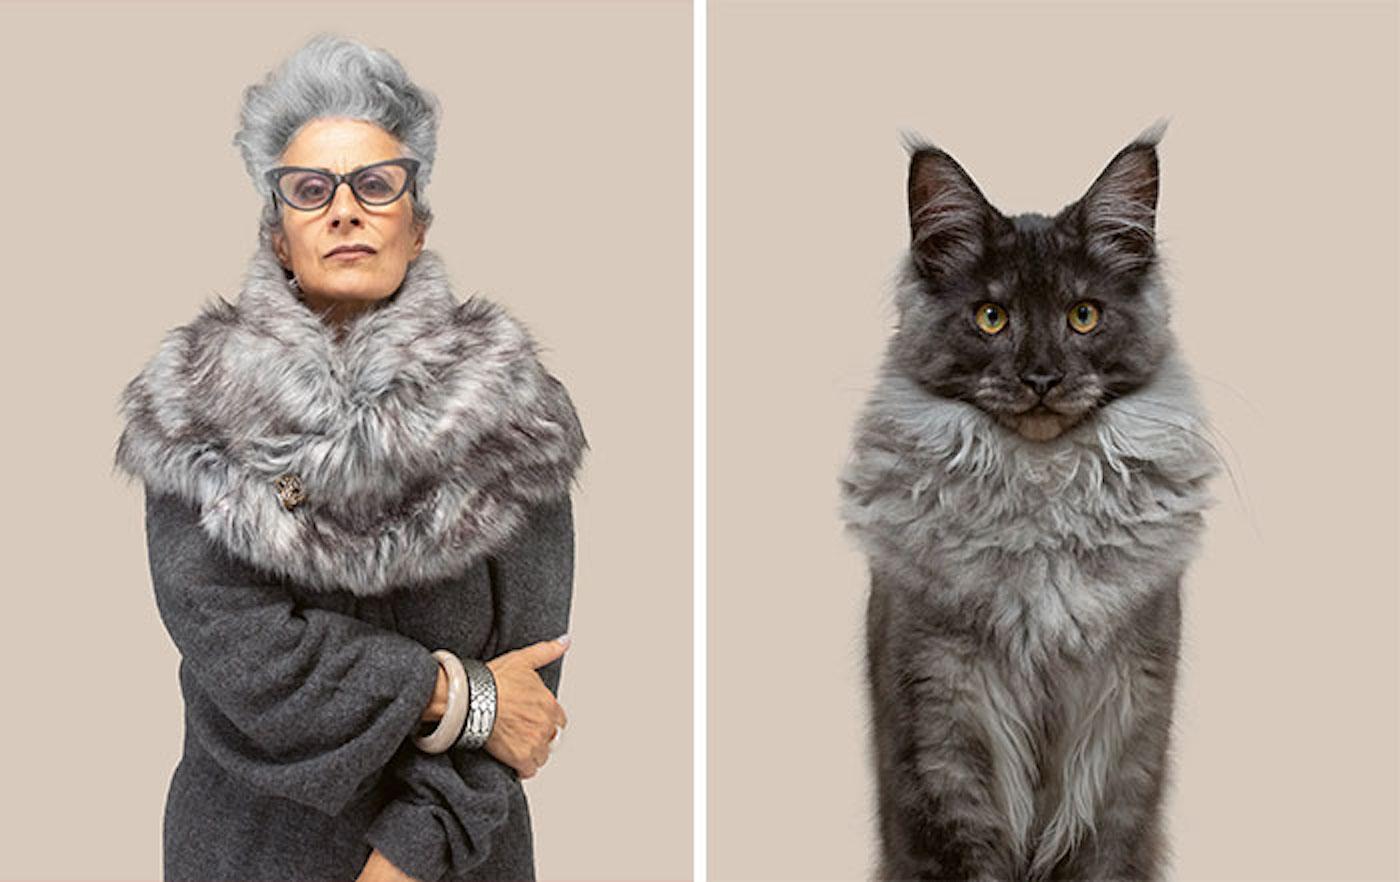 Le photographe Gerrard Gethings fait ressortir les ressemblances entre les chats et leurs maîtres